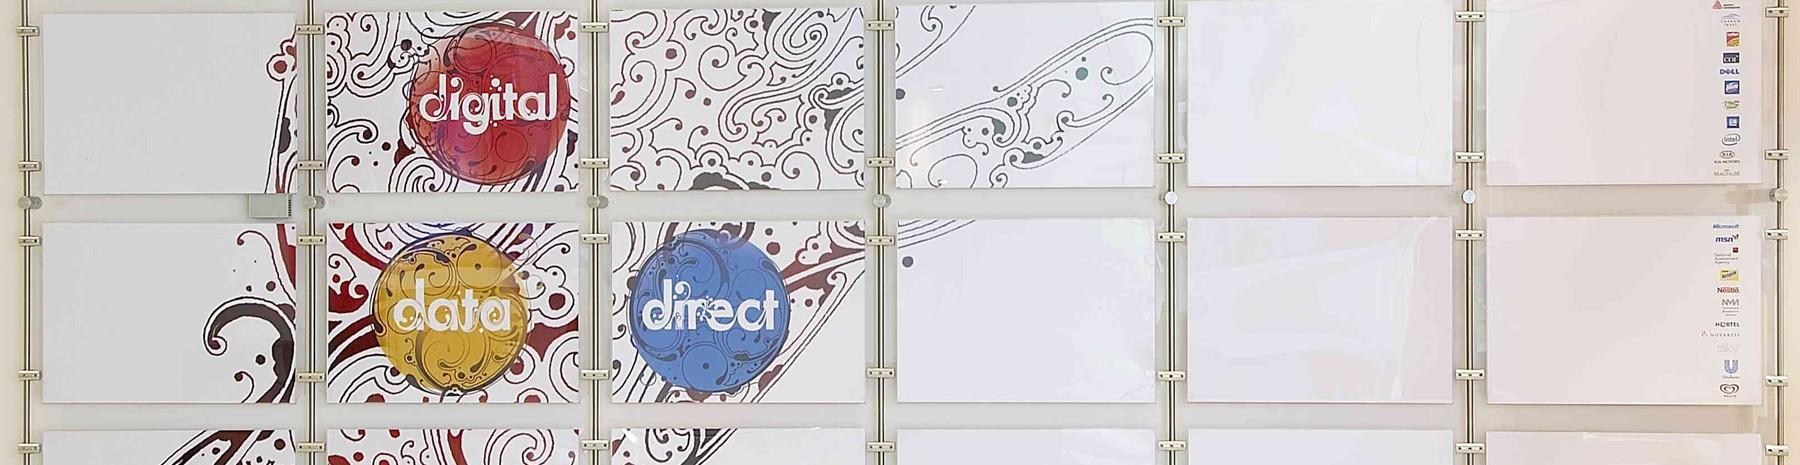 Accessoires diamètre 6mm pour la fixation d'affichages suspendus